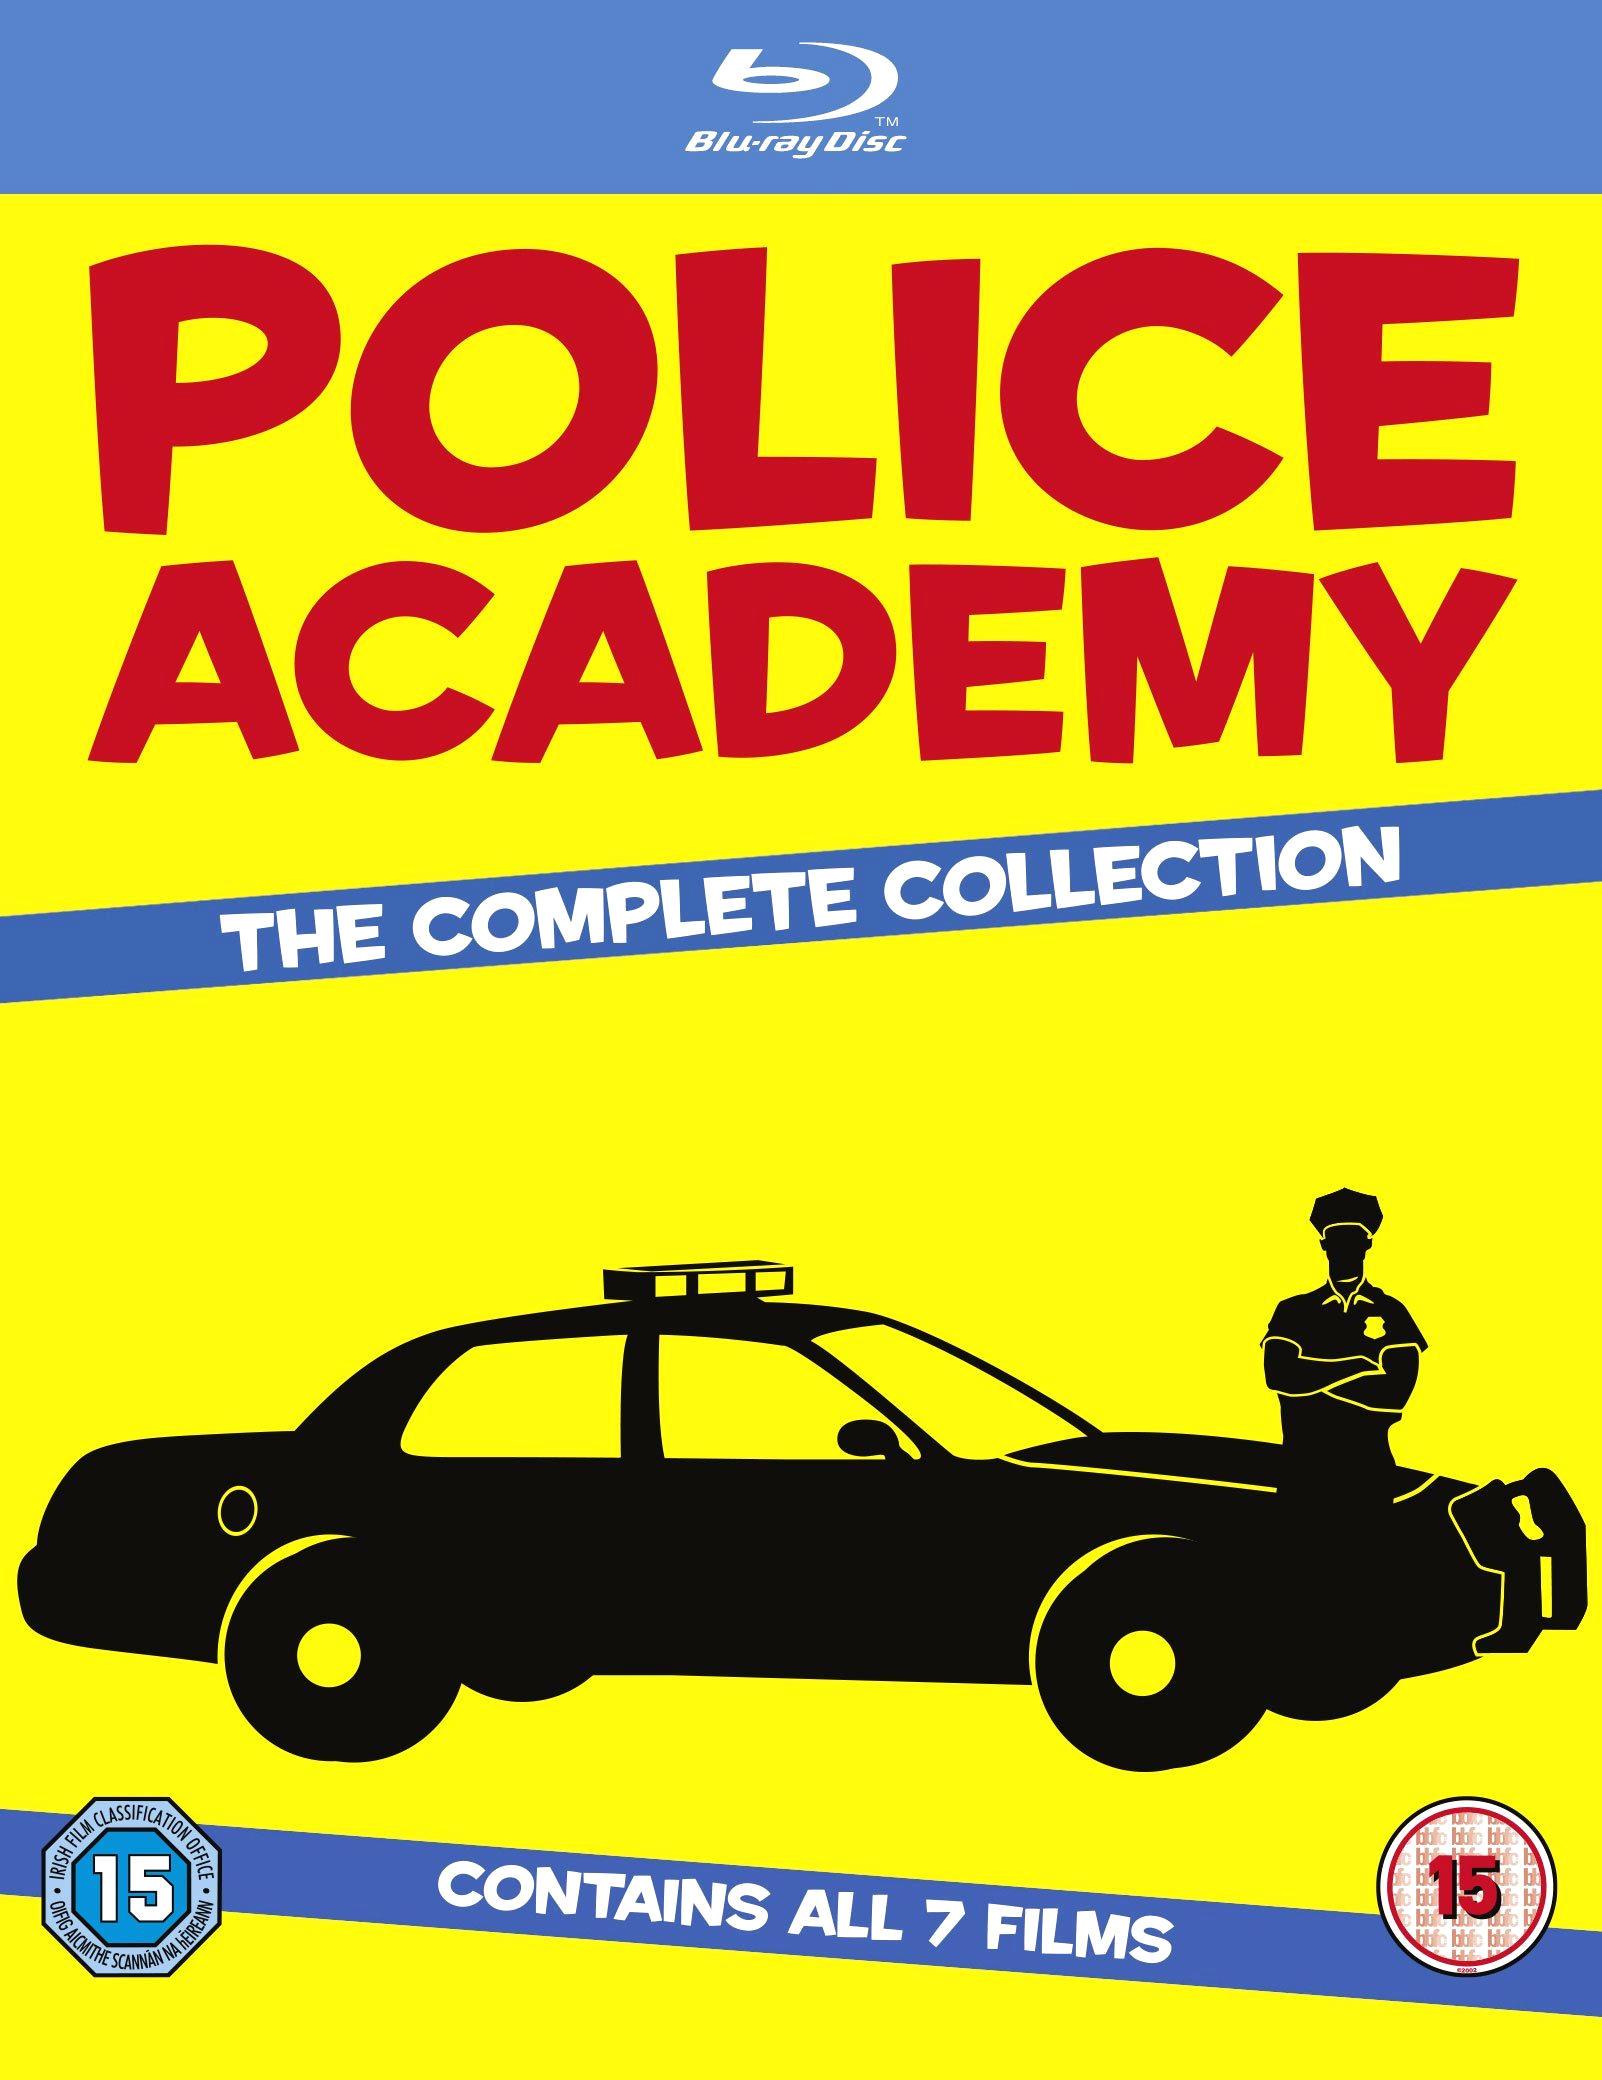 Полицейская академия 5: Место назначения - Майами бич. Обложка с сайта ipicture.ru